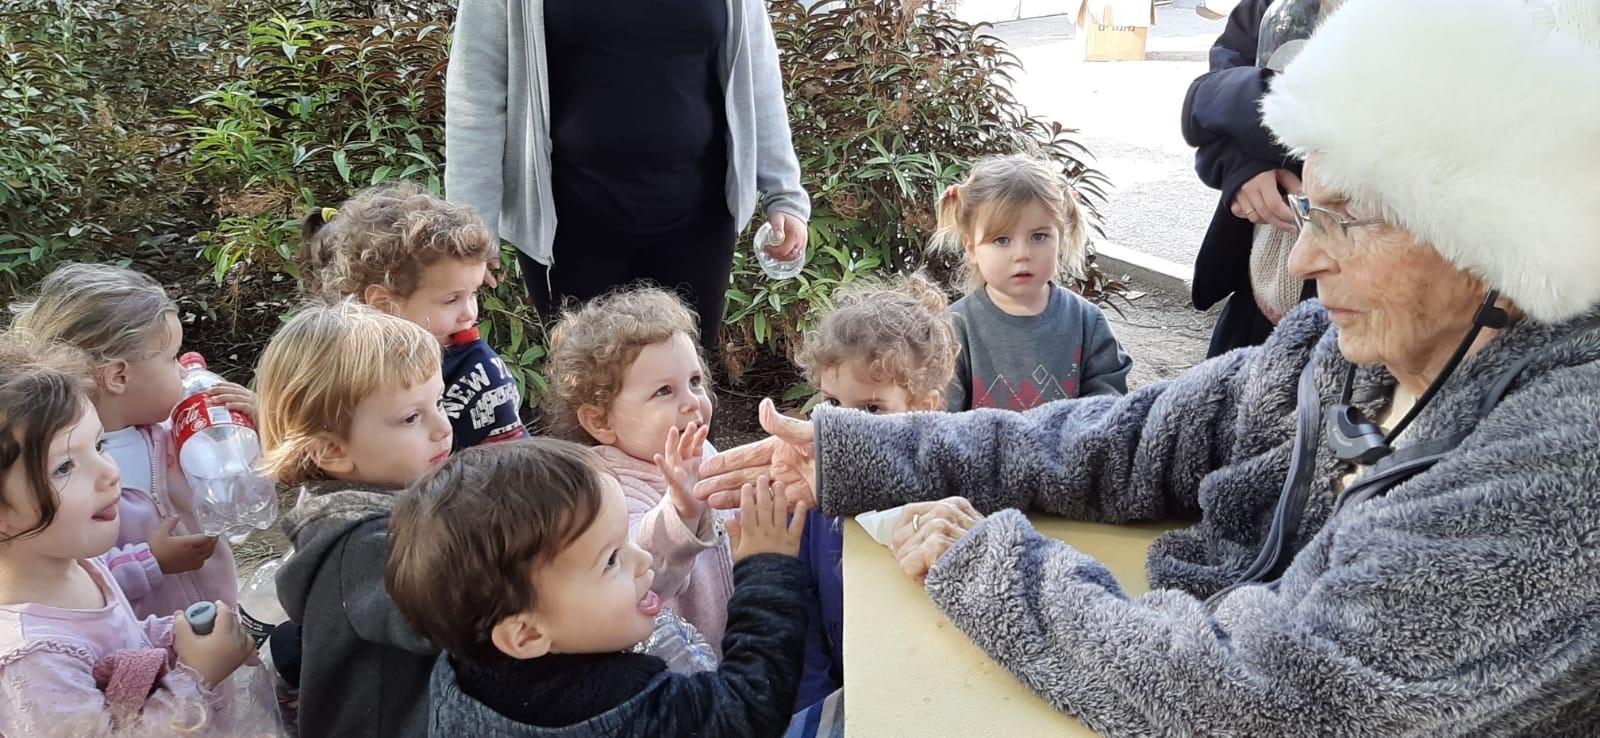 מלכה האס במפגש עם ילדי הגן